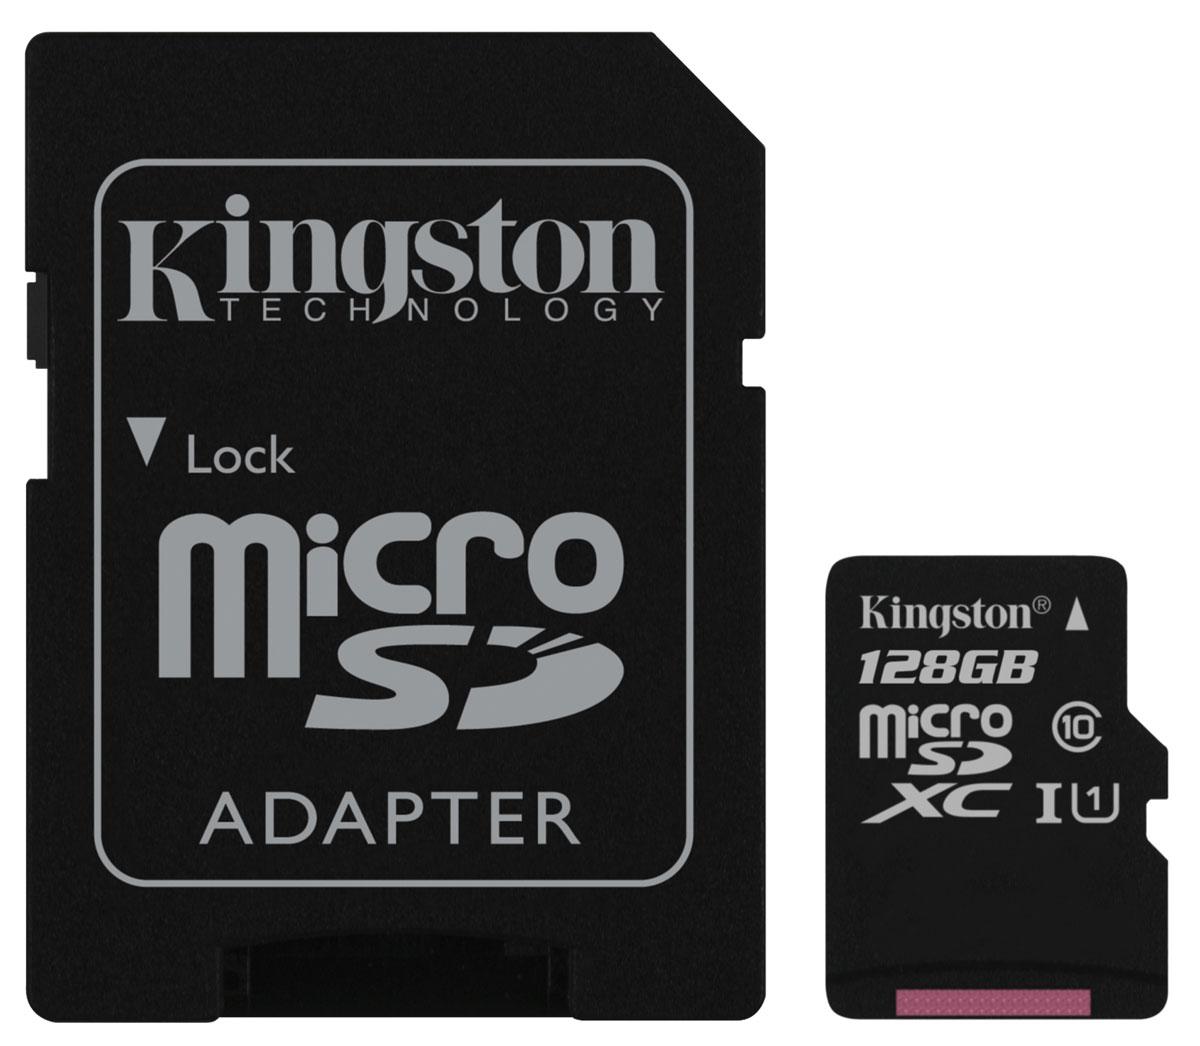 Kingston microSDXC Class 10 UHS-I 128GB карта памяти с адаптеромSDC10G2/128GBКарты microSDXC от Kingston позволяют хранить большие объемы музыки, видео, изображений, игр в современных мобильных устройствах. Данная модель относится к 10 скоростному классу, т.е. максимальная скорость передачи данных составляет 10 МБ/с.По размерам карты microSDXC совпадают с картами microSD, но совместимы только с устройствами, поддерживающими стандарт microSDXC. Карты microSDXC можно использовать с адаптером как полноразмерные карты /SDXC.Внимание: перед оформлением заказа, убедитесь в поддержке вашим электронным устройством карт памяти данного объема.